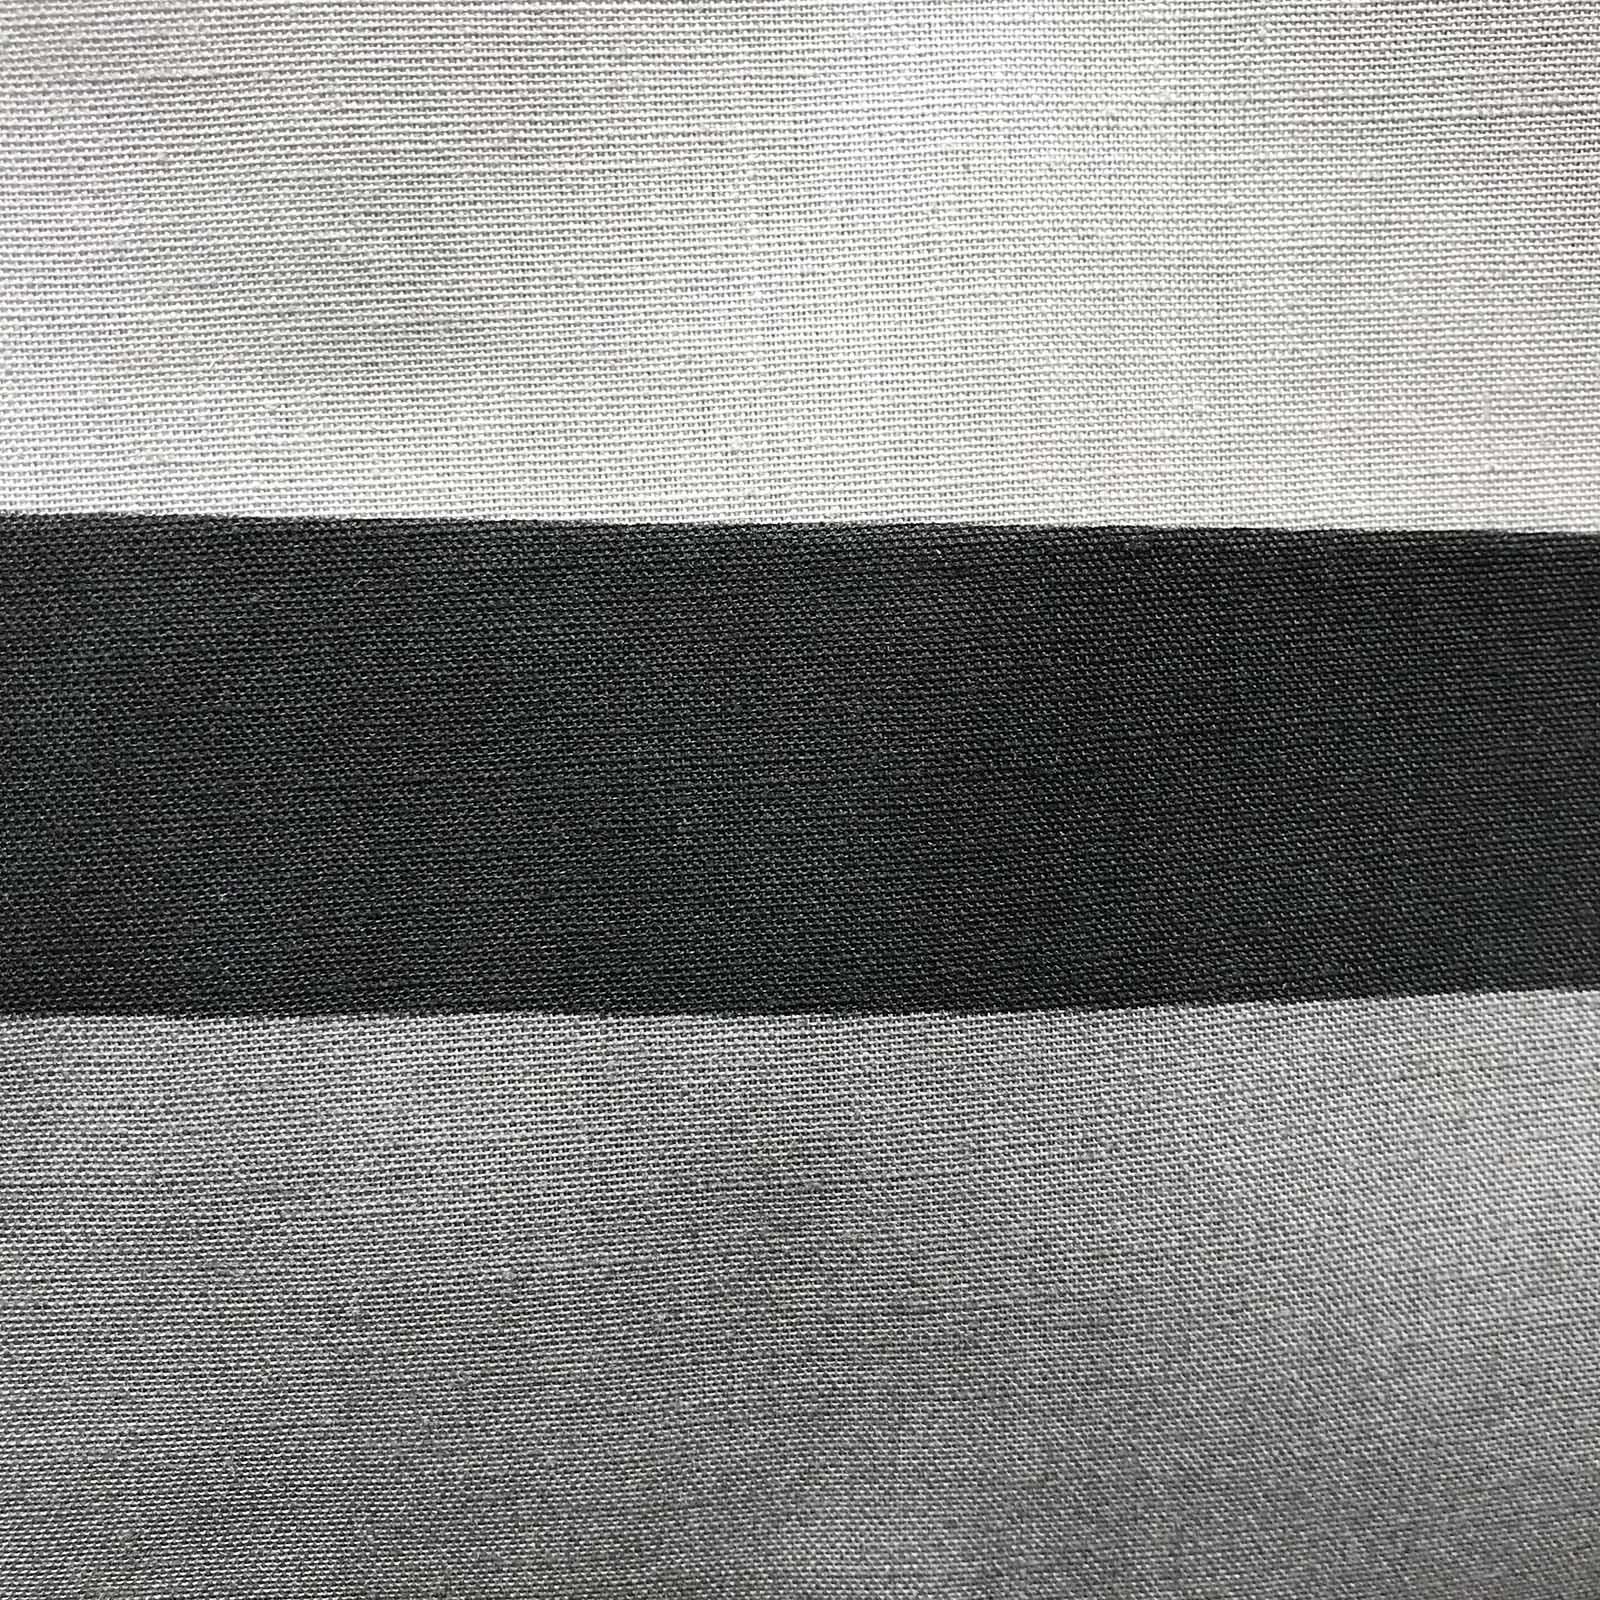 raye-poly-coton-Housse-de-couette-moderne-Housse-Couette-Literie-Ensemble-lit